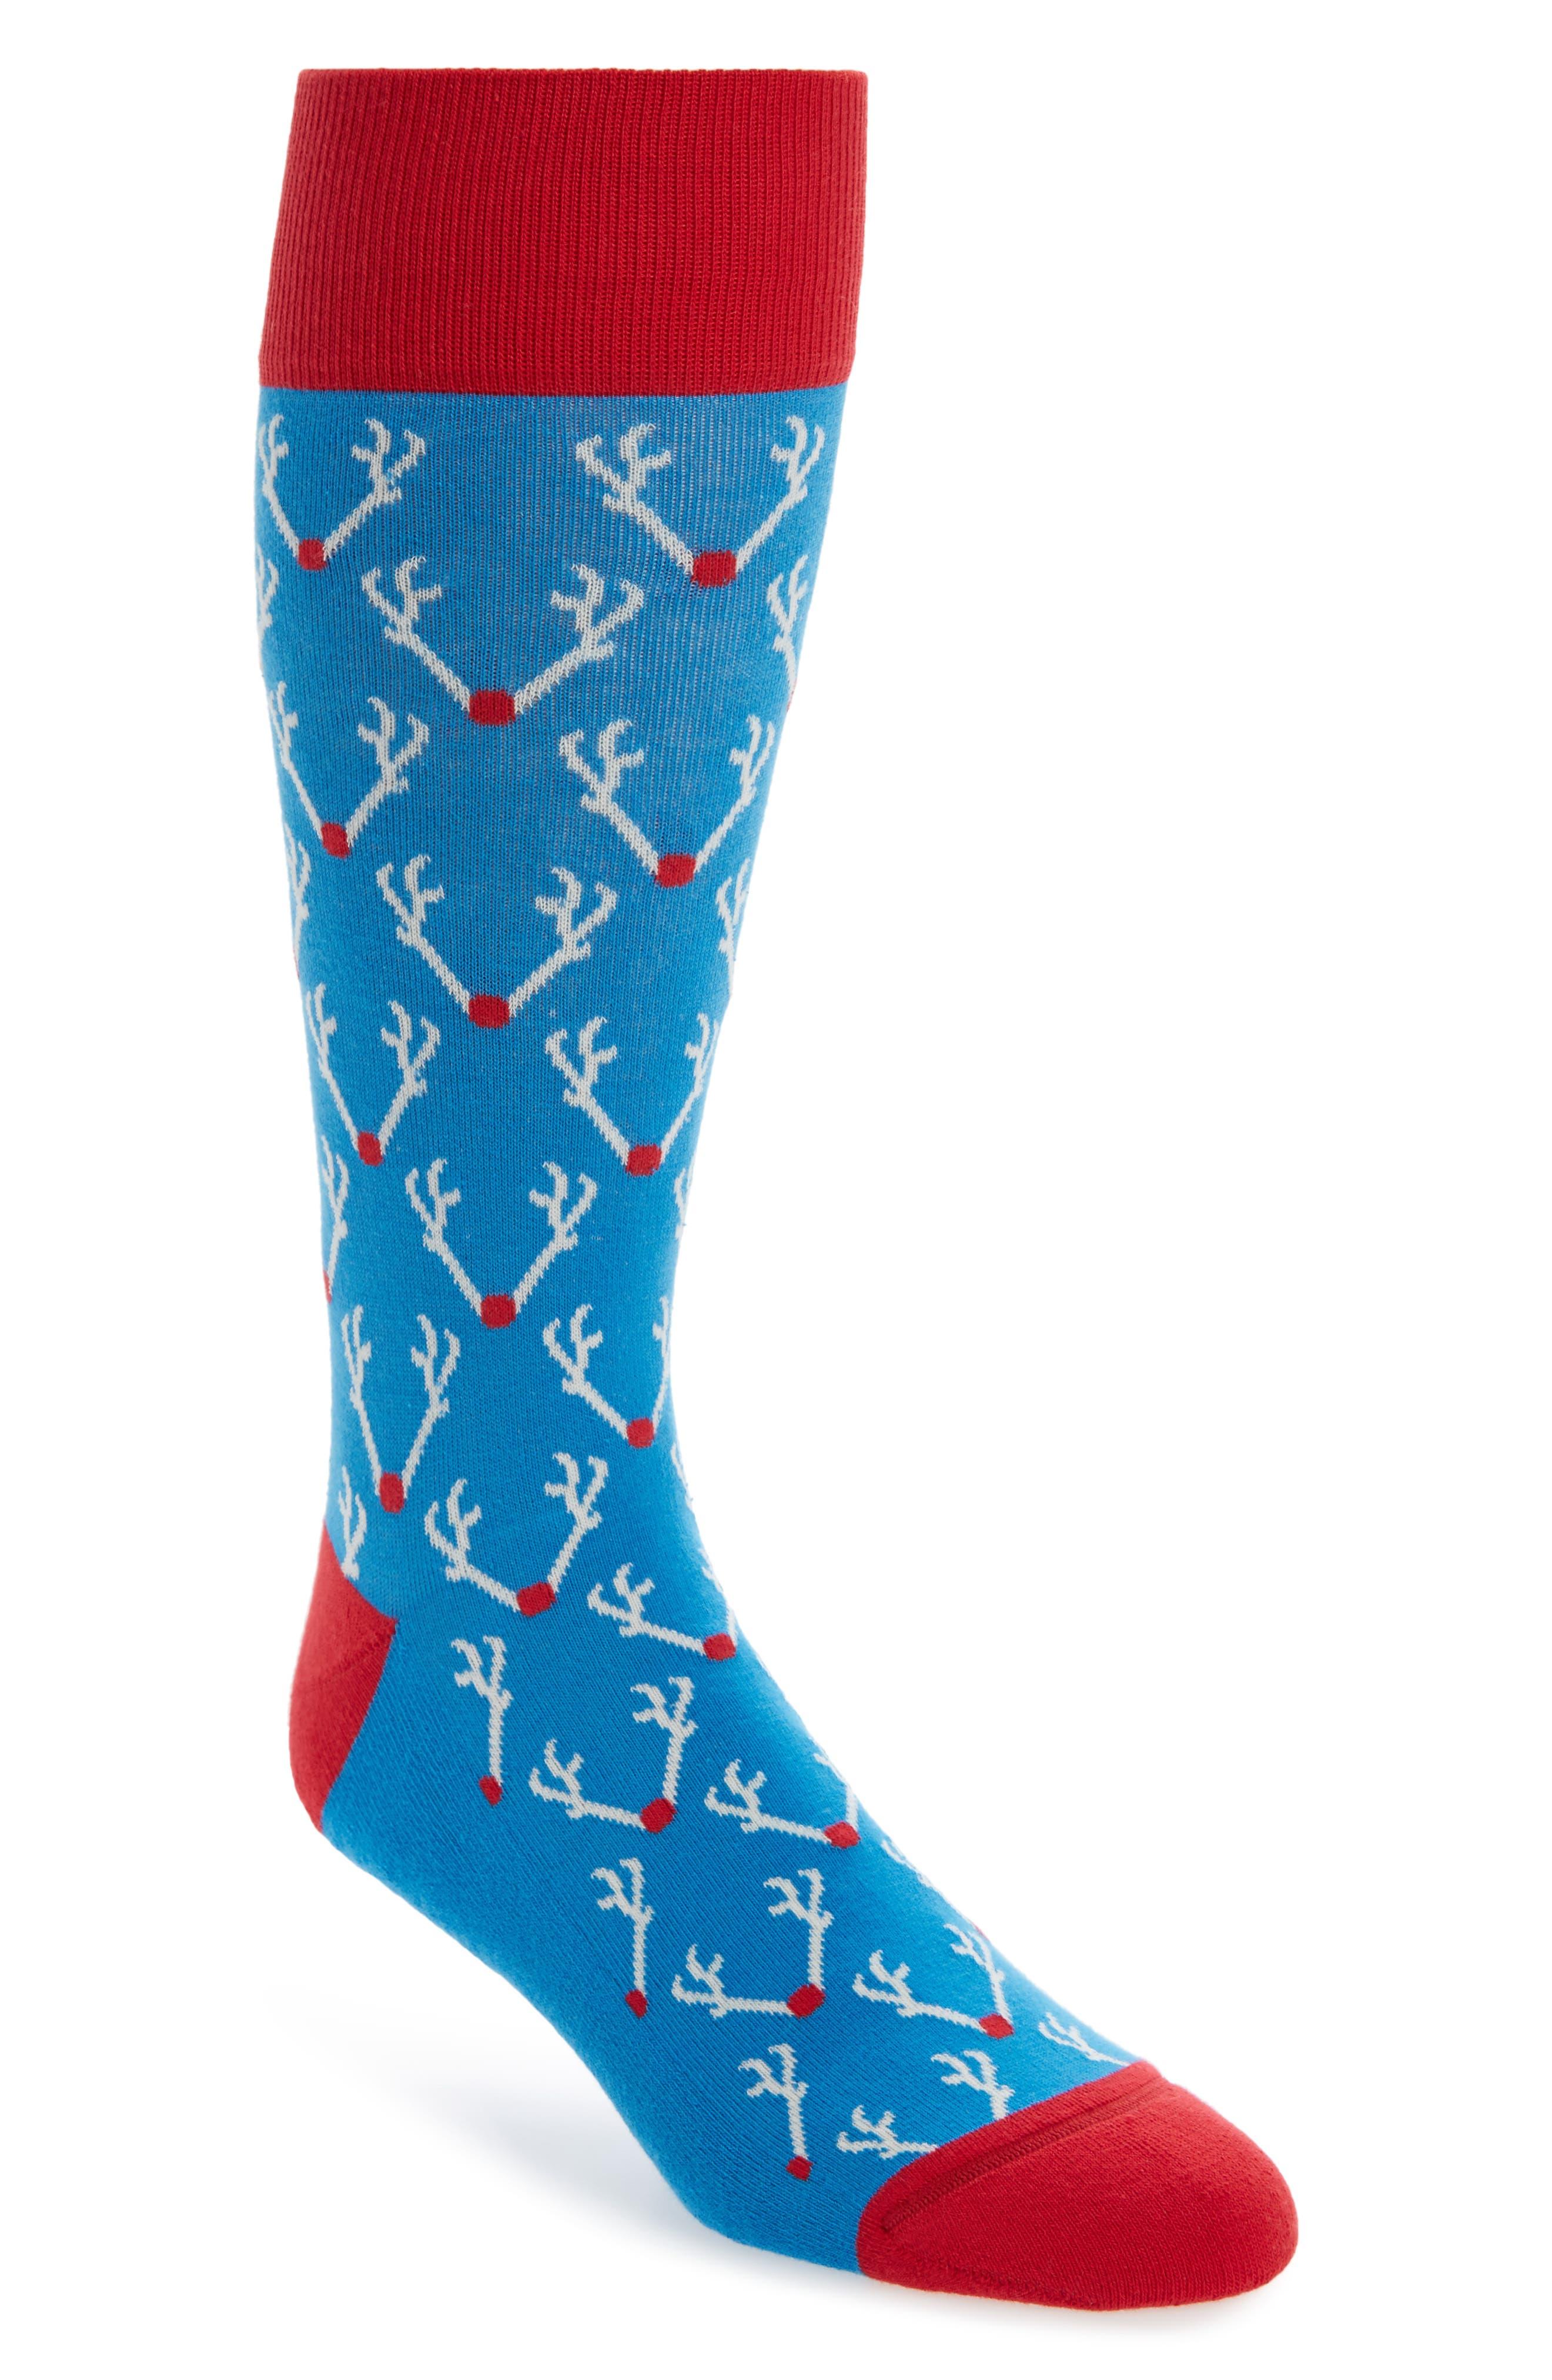 Alternate Image 1 Selected - Nordstrom Men's Shop Holiday Antlers Socks